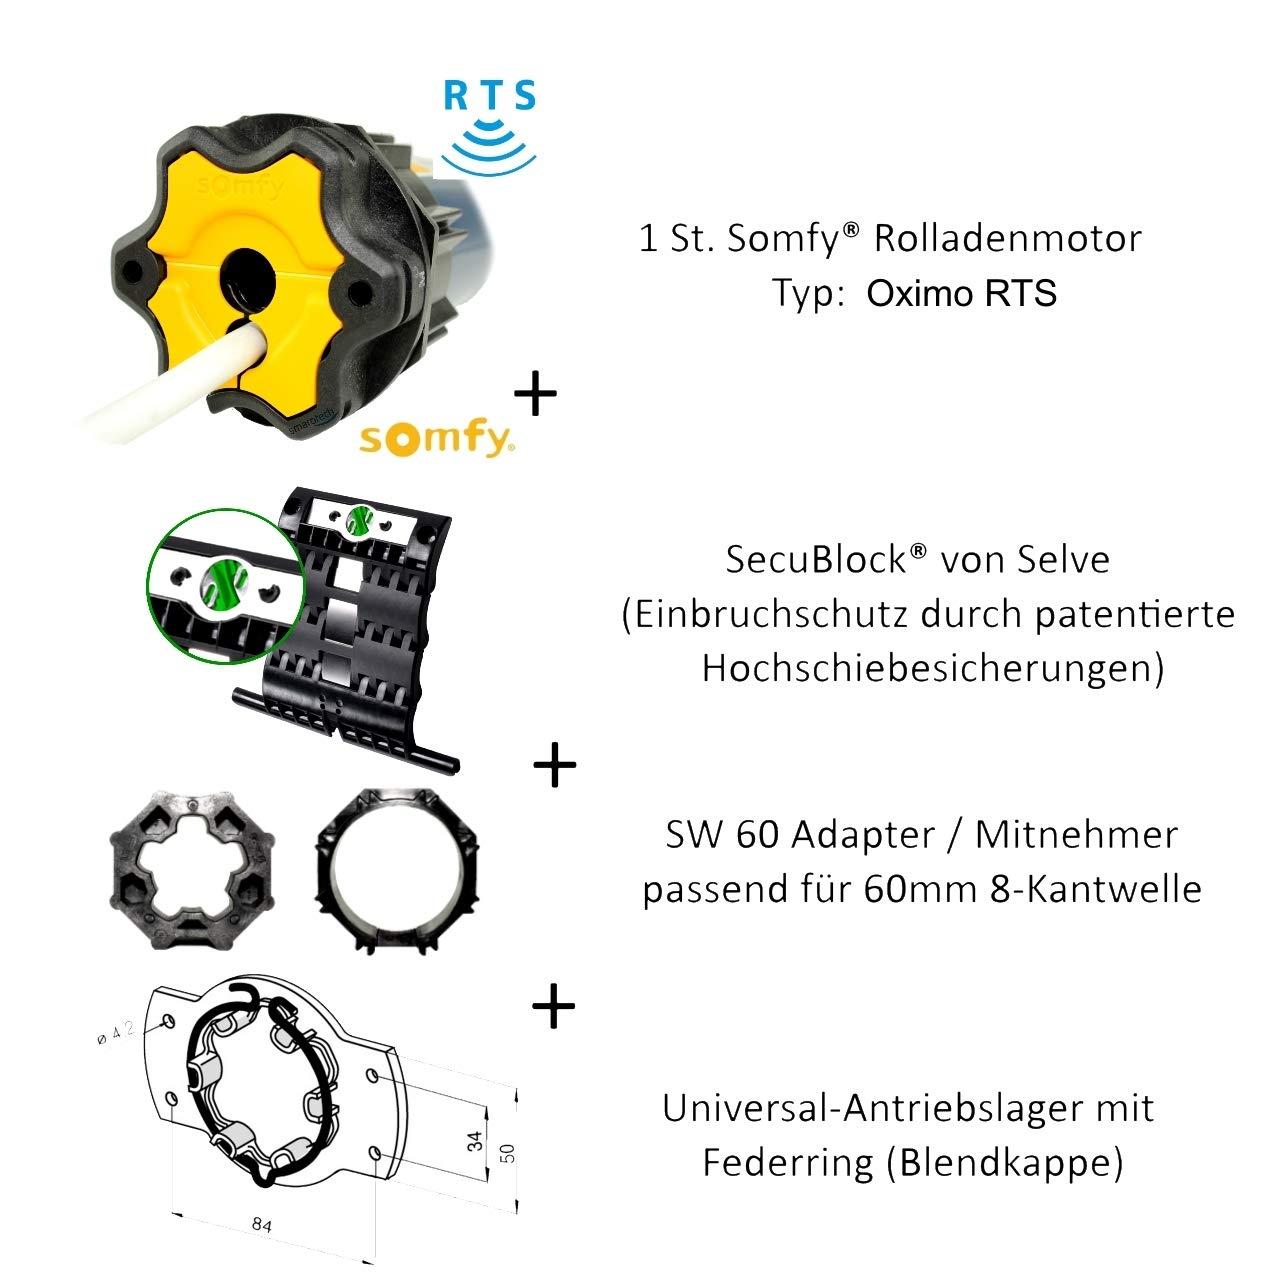 Einbruchschutz durch 3 Hochschiebesicherungen Oximo RTS 10//17 Motorlager Funk Rollladenmotor Somfy/® Oximo 50 RTS inkl Anschlusskabel und SW 60 Adapter//Mitnehmer.